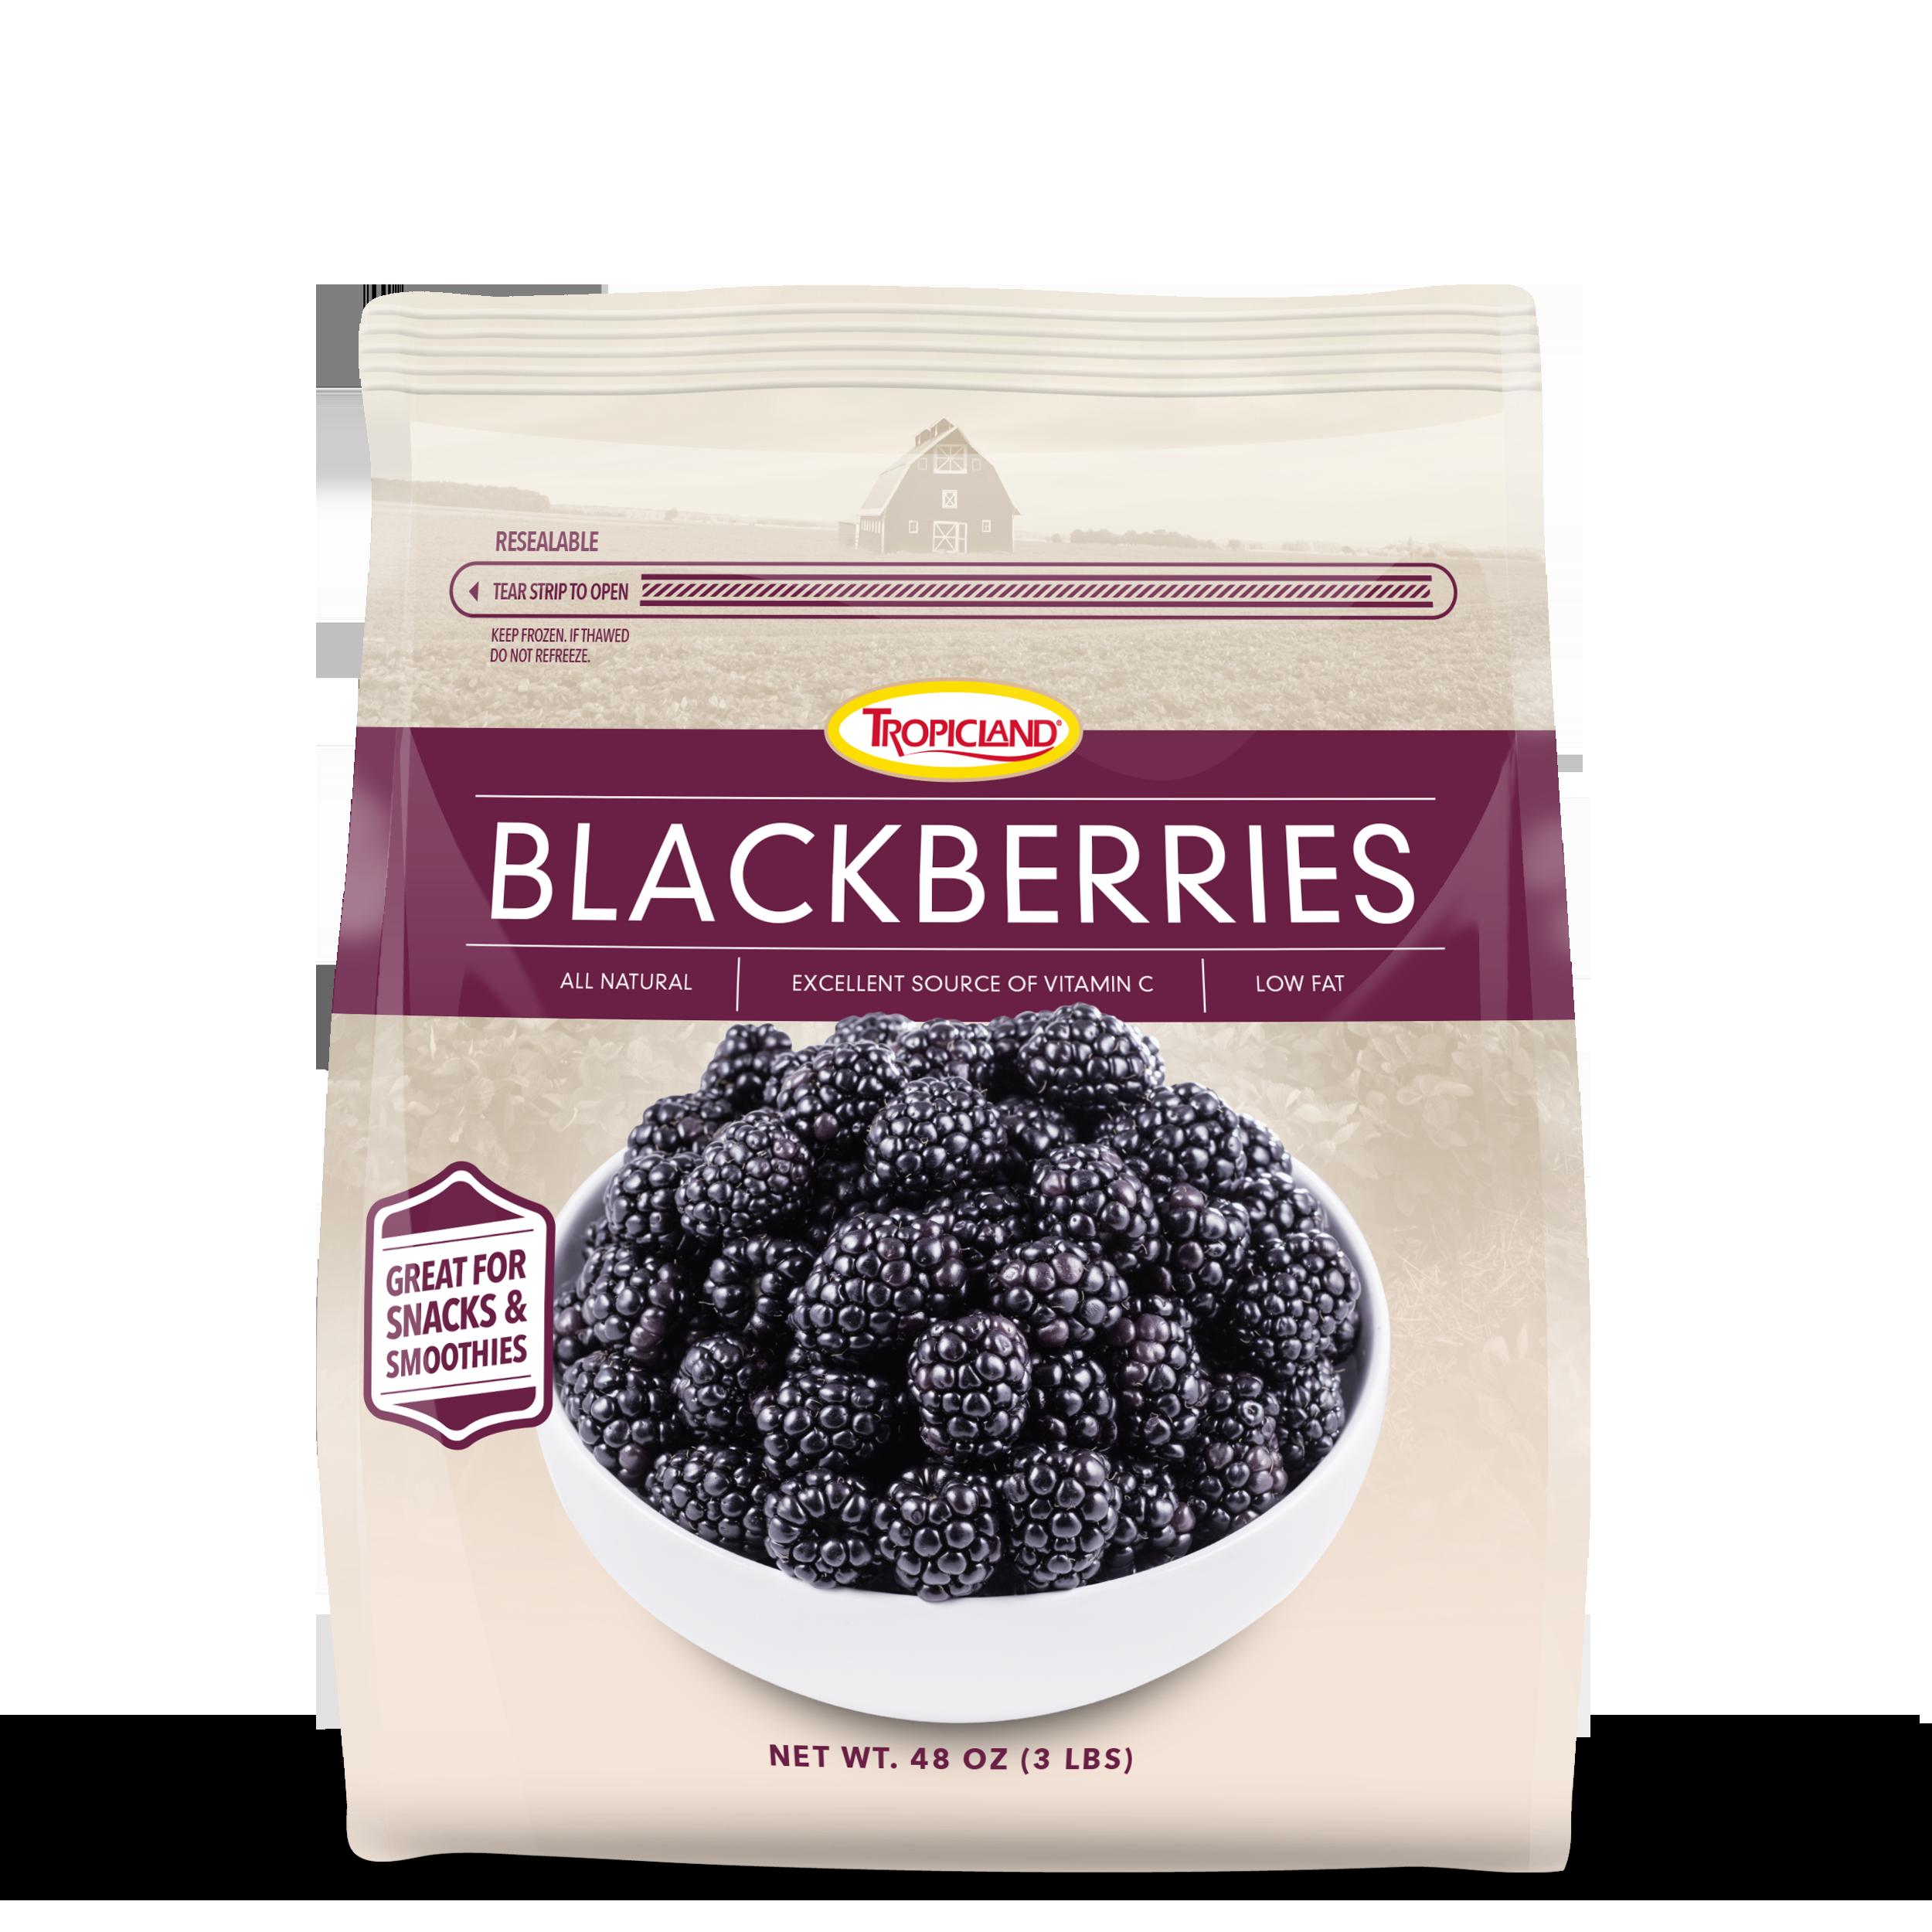 Bag of frozen blackberries